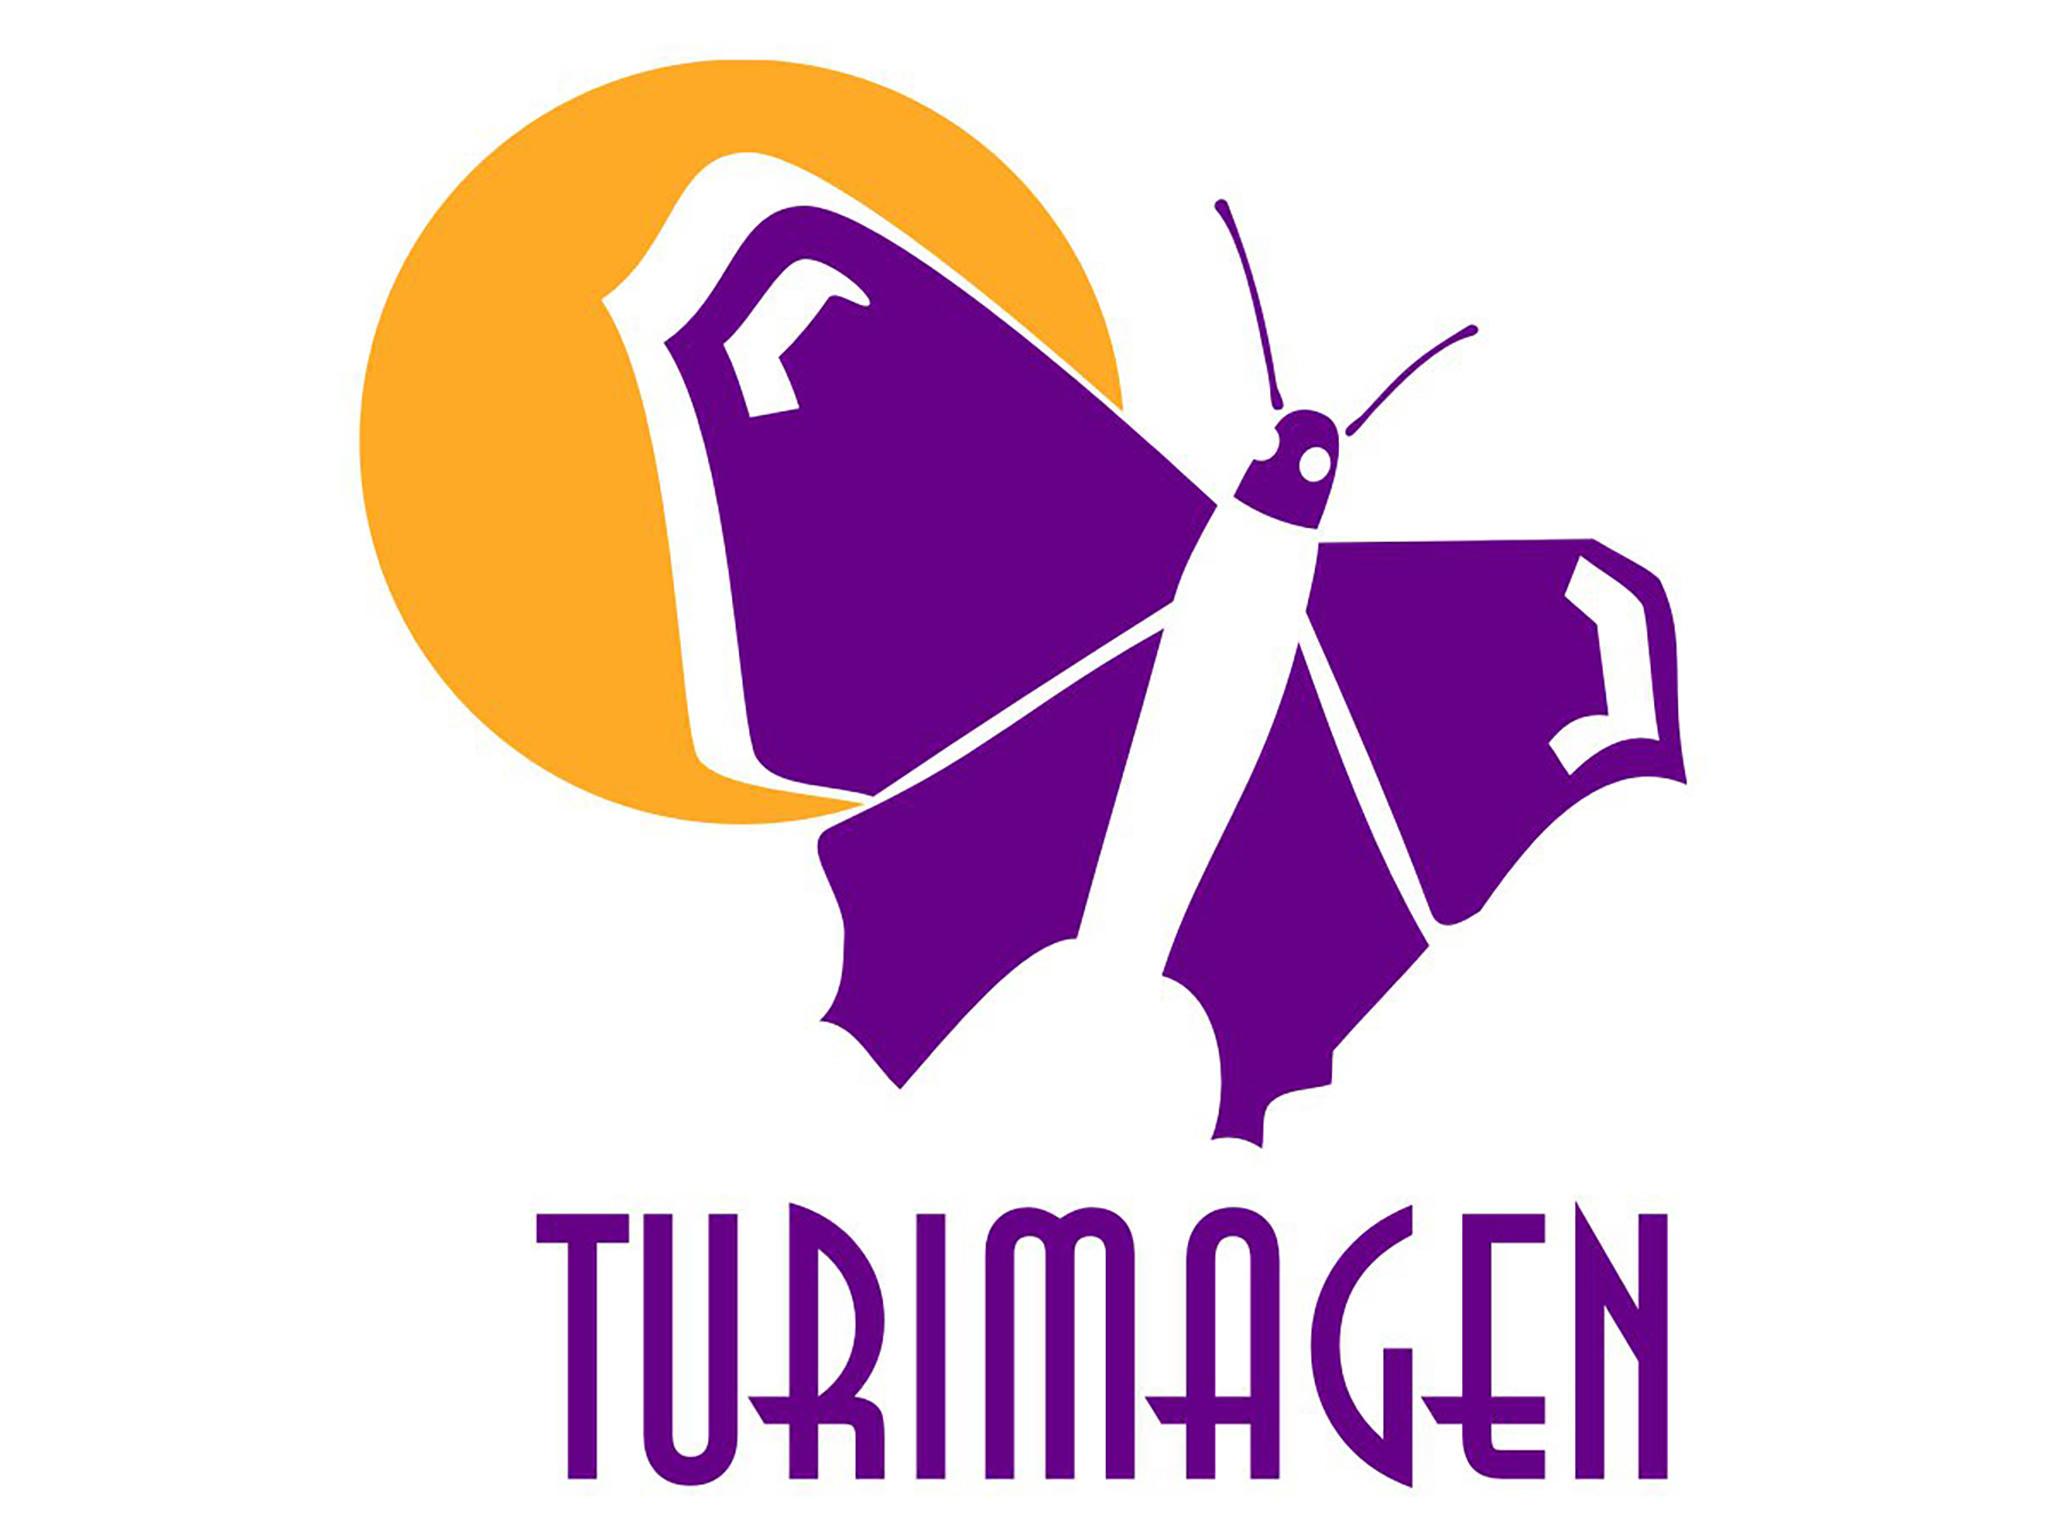 12_turimagen